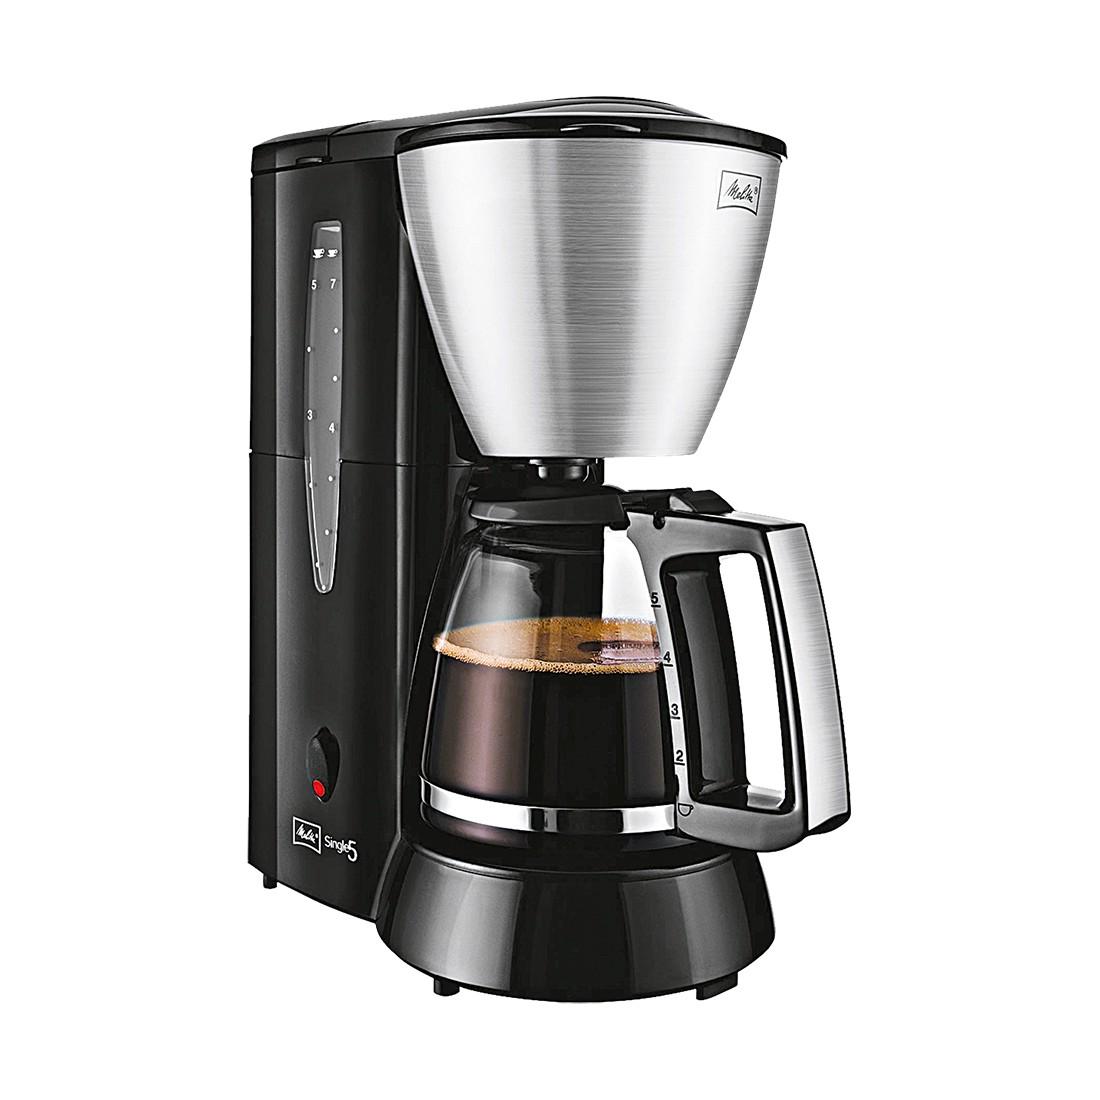 Filterkaffeemaschine Single 5 – Kunststoffgehäuse mit hochwertigen Edelstahl-Elementen – Schwarz-Edelstahl, Melitta günstig bestellen